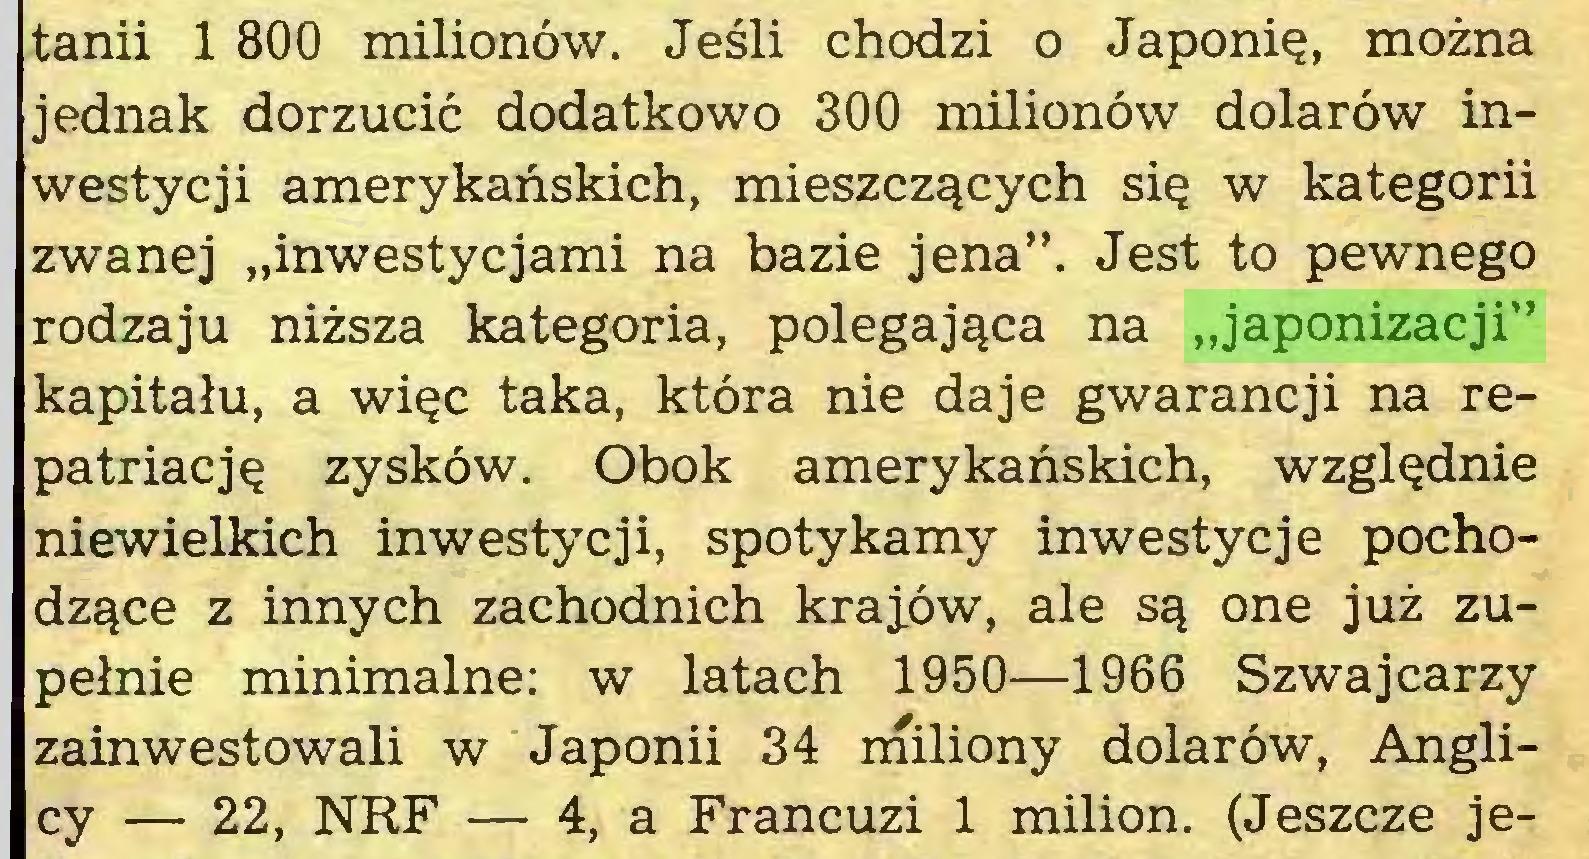 """(...) tanii 1 800 milionów. Jeśli chodzi o Japonię, można jednak dorzucić dodatkowo 300 milionów dolarów inwestycji amerykańskich, mieszczących się w kategorii zwanej """"inwestycjami na bazie jena"""". Jest to pewnego rodzaju niższa kategoria, polegająca na """"japonizacji"""" kapitału, a więc taka, która nie daje gwarancji na repatriację zysków. Obok amerykańskich, względnie niewielkich inwestycji, spotykamy inwestycje pochodzące z innych zachodnich krajów, ale są one już zupełnie minimalne: w latach 1950—1966 Szwajcarzy zainwestowali w Japonii 34 miliony dolarów, Anglicy — 22, NRF — 4, a Francuzi 1 milion. (Jeszcze je..."""